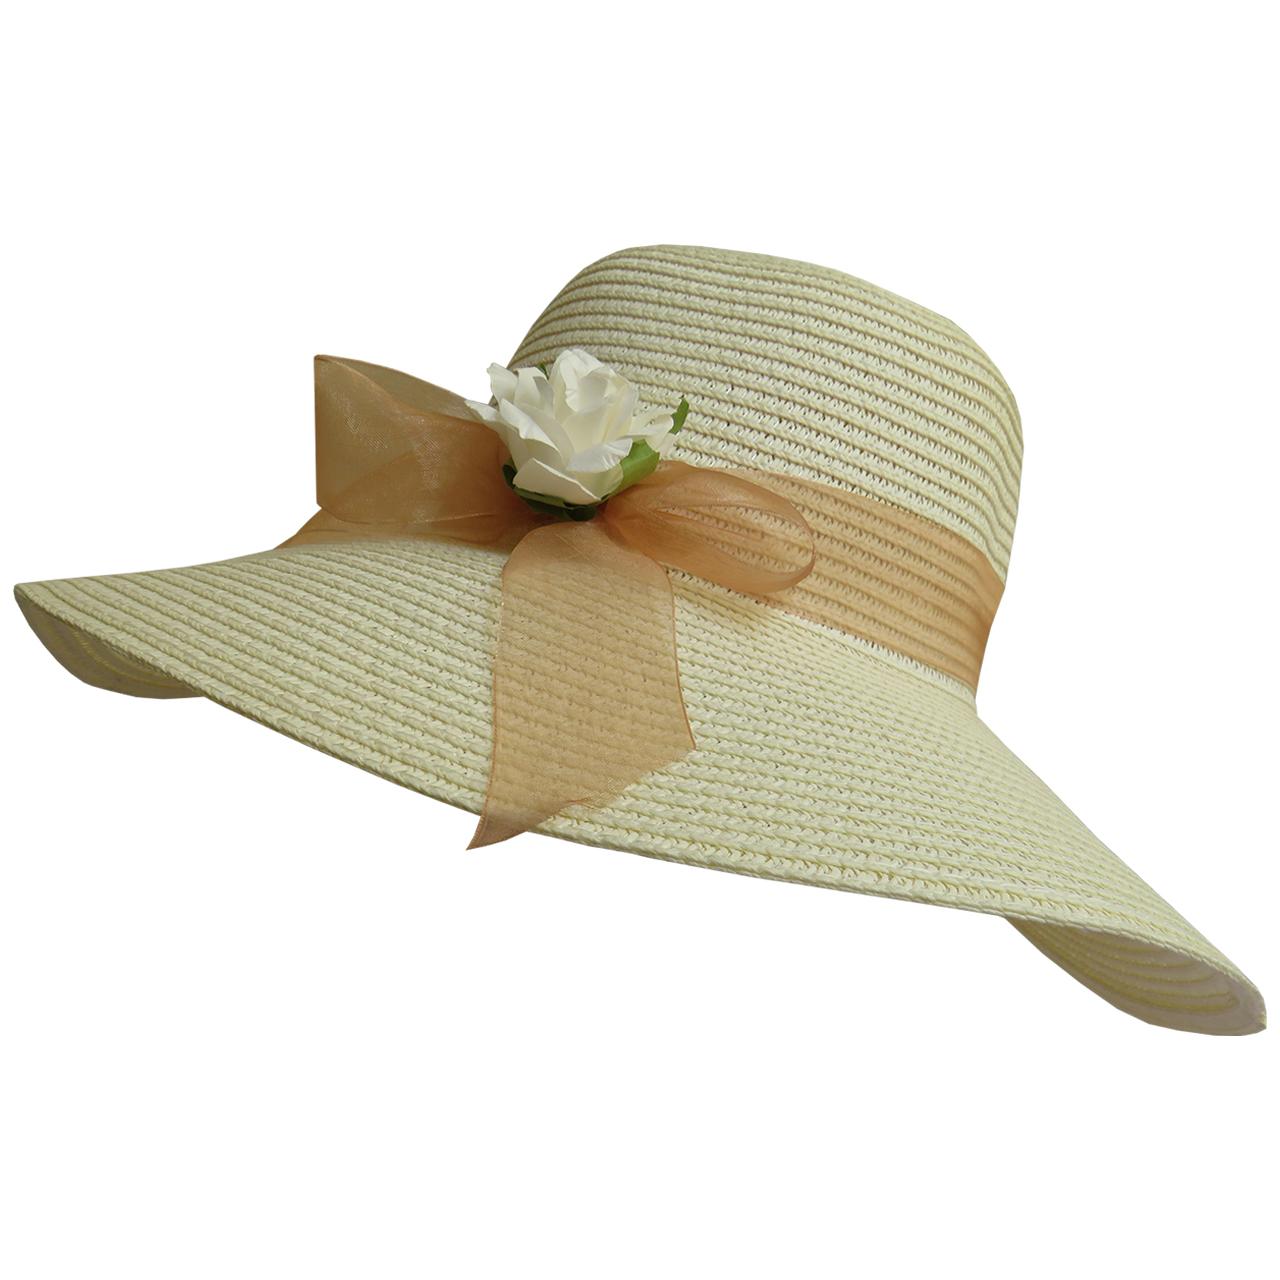 قیمت کلاه زنانه حصیری مدل شهرزاد کد 01